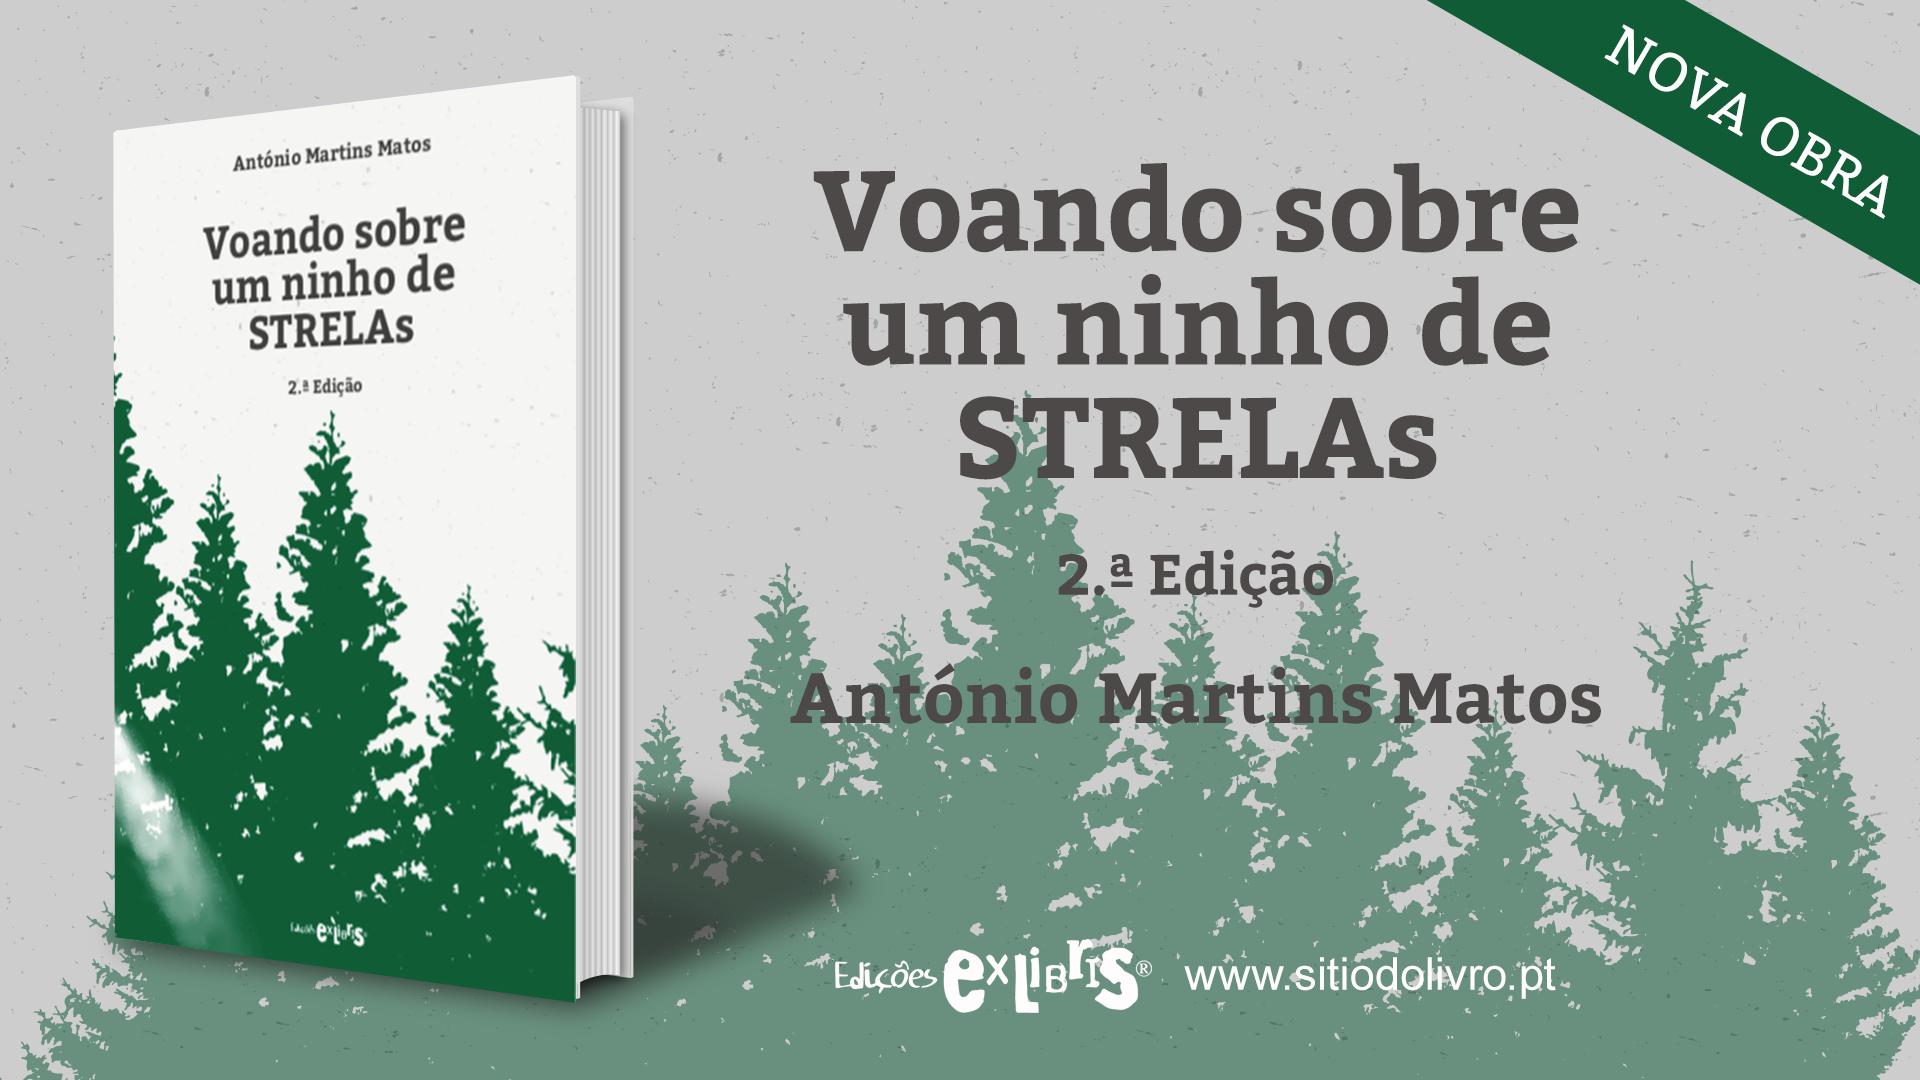 banner_FB_Voando_sobre_um_ninho_de_STRELAs